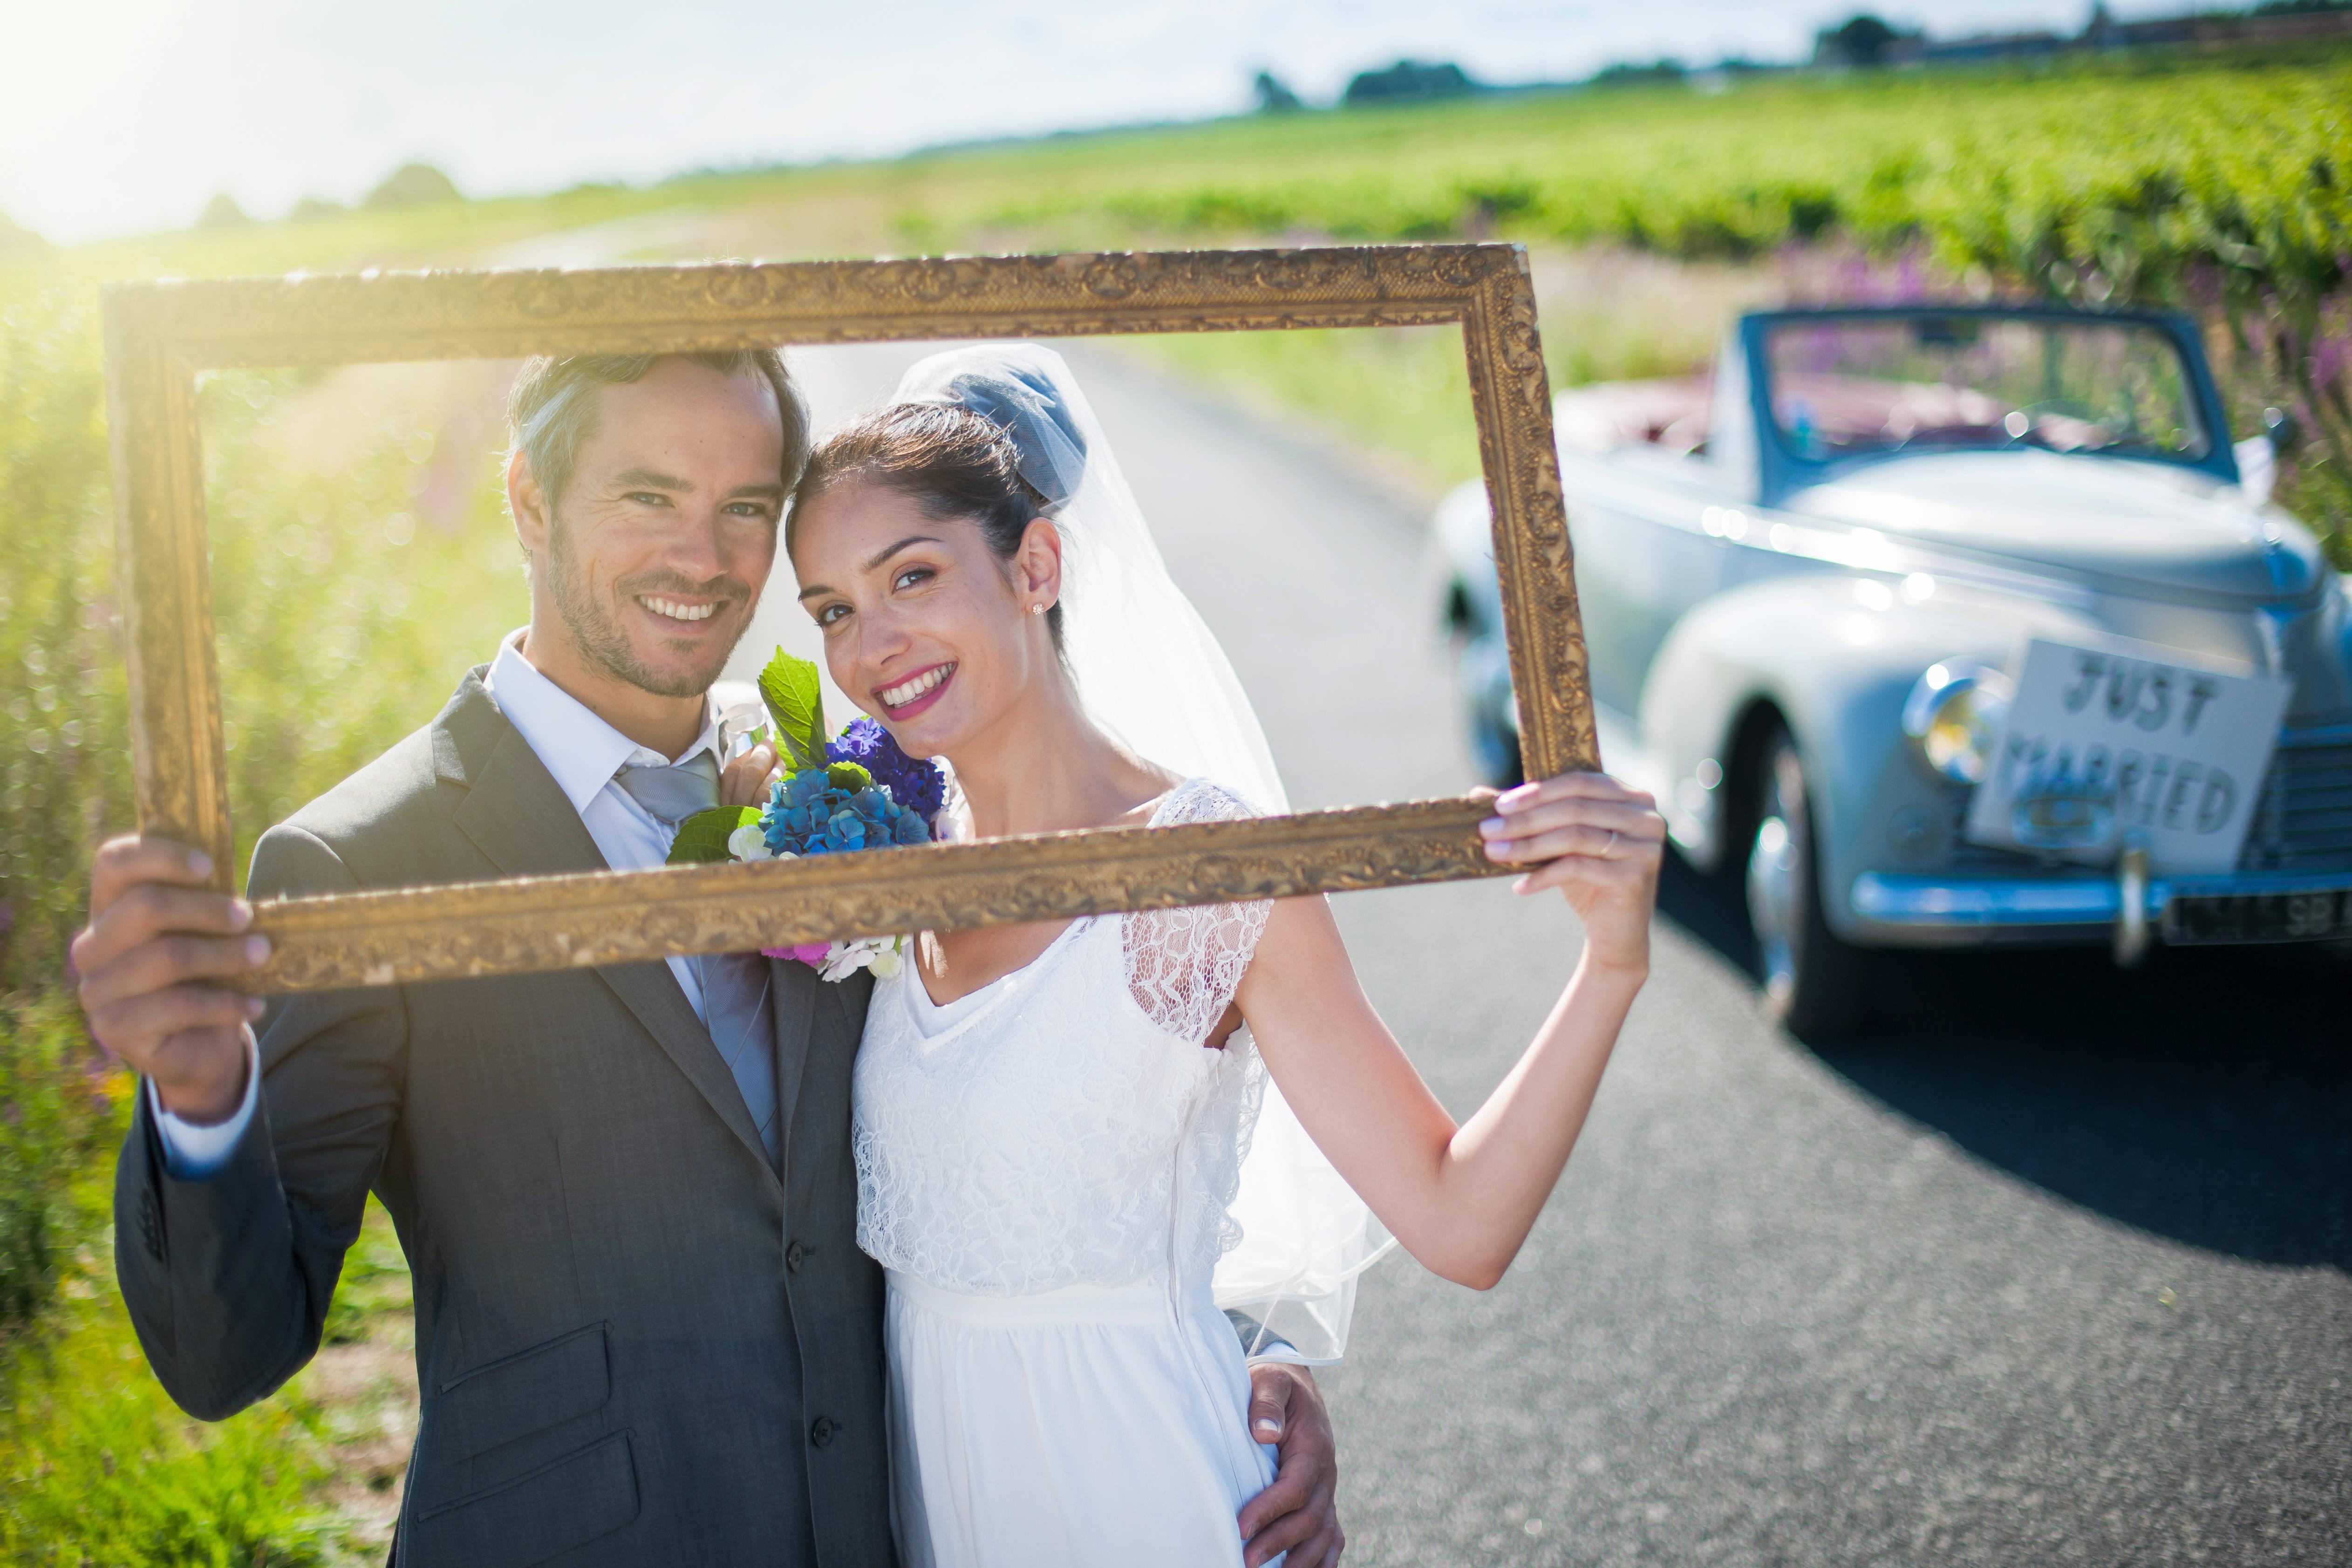 Cómo distinguir a un buen fotógrafo para bodas